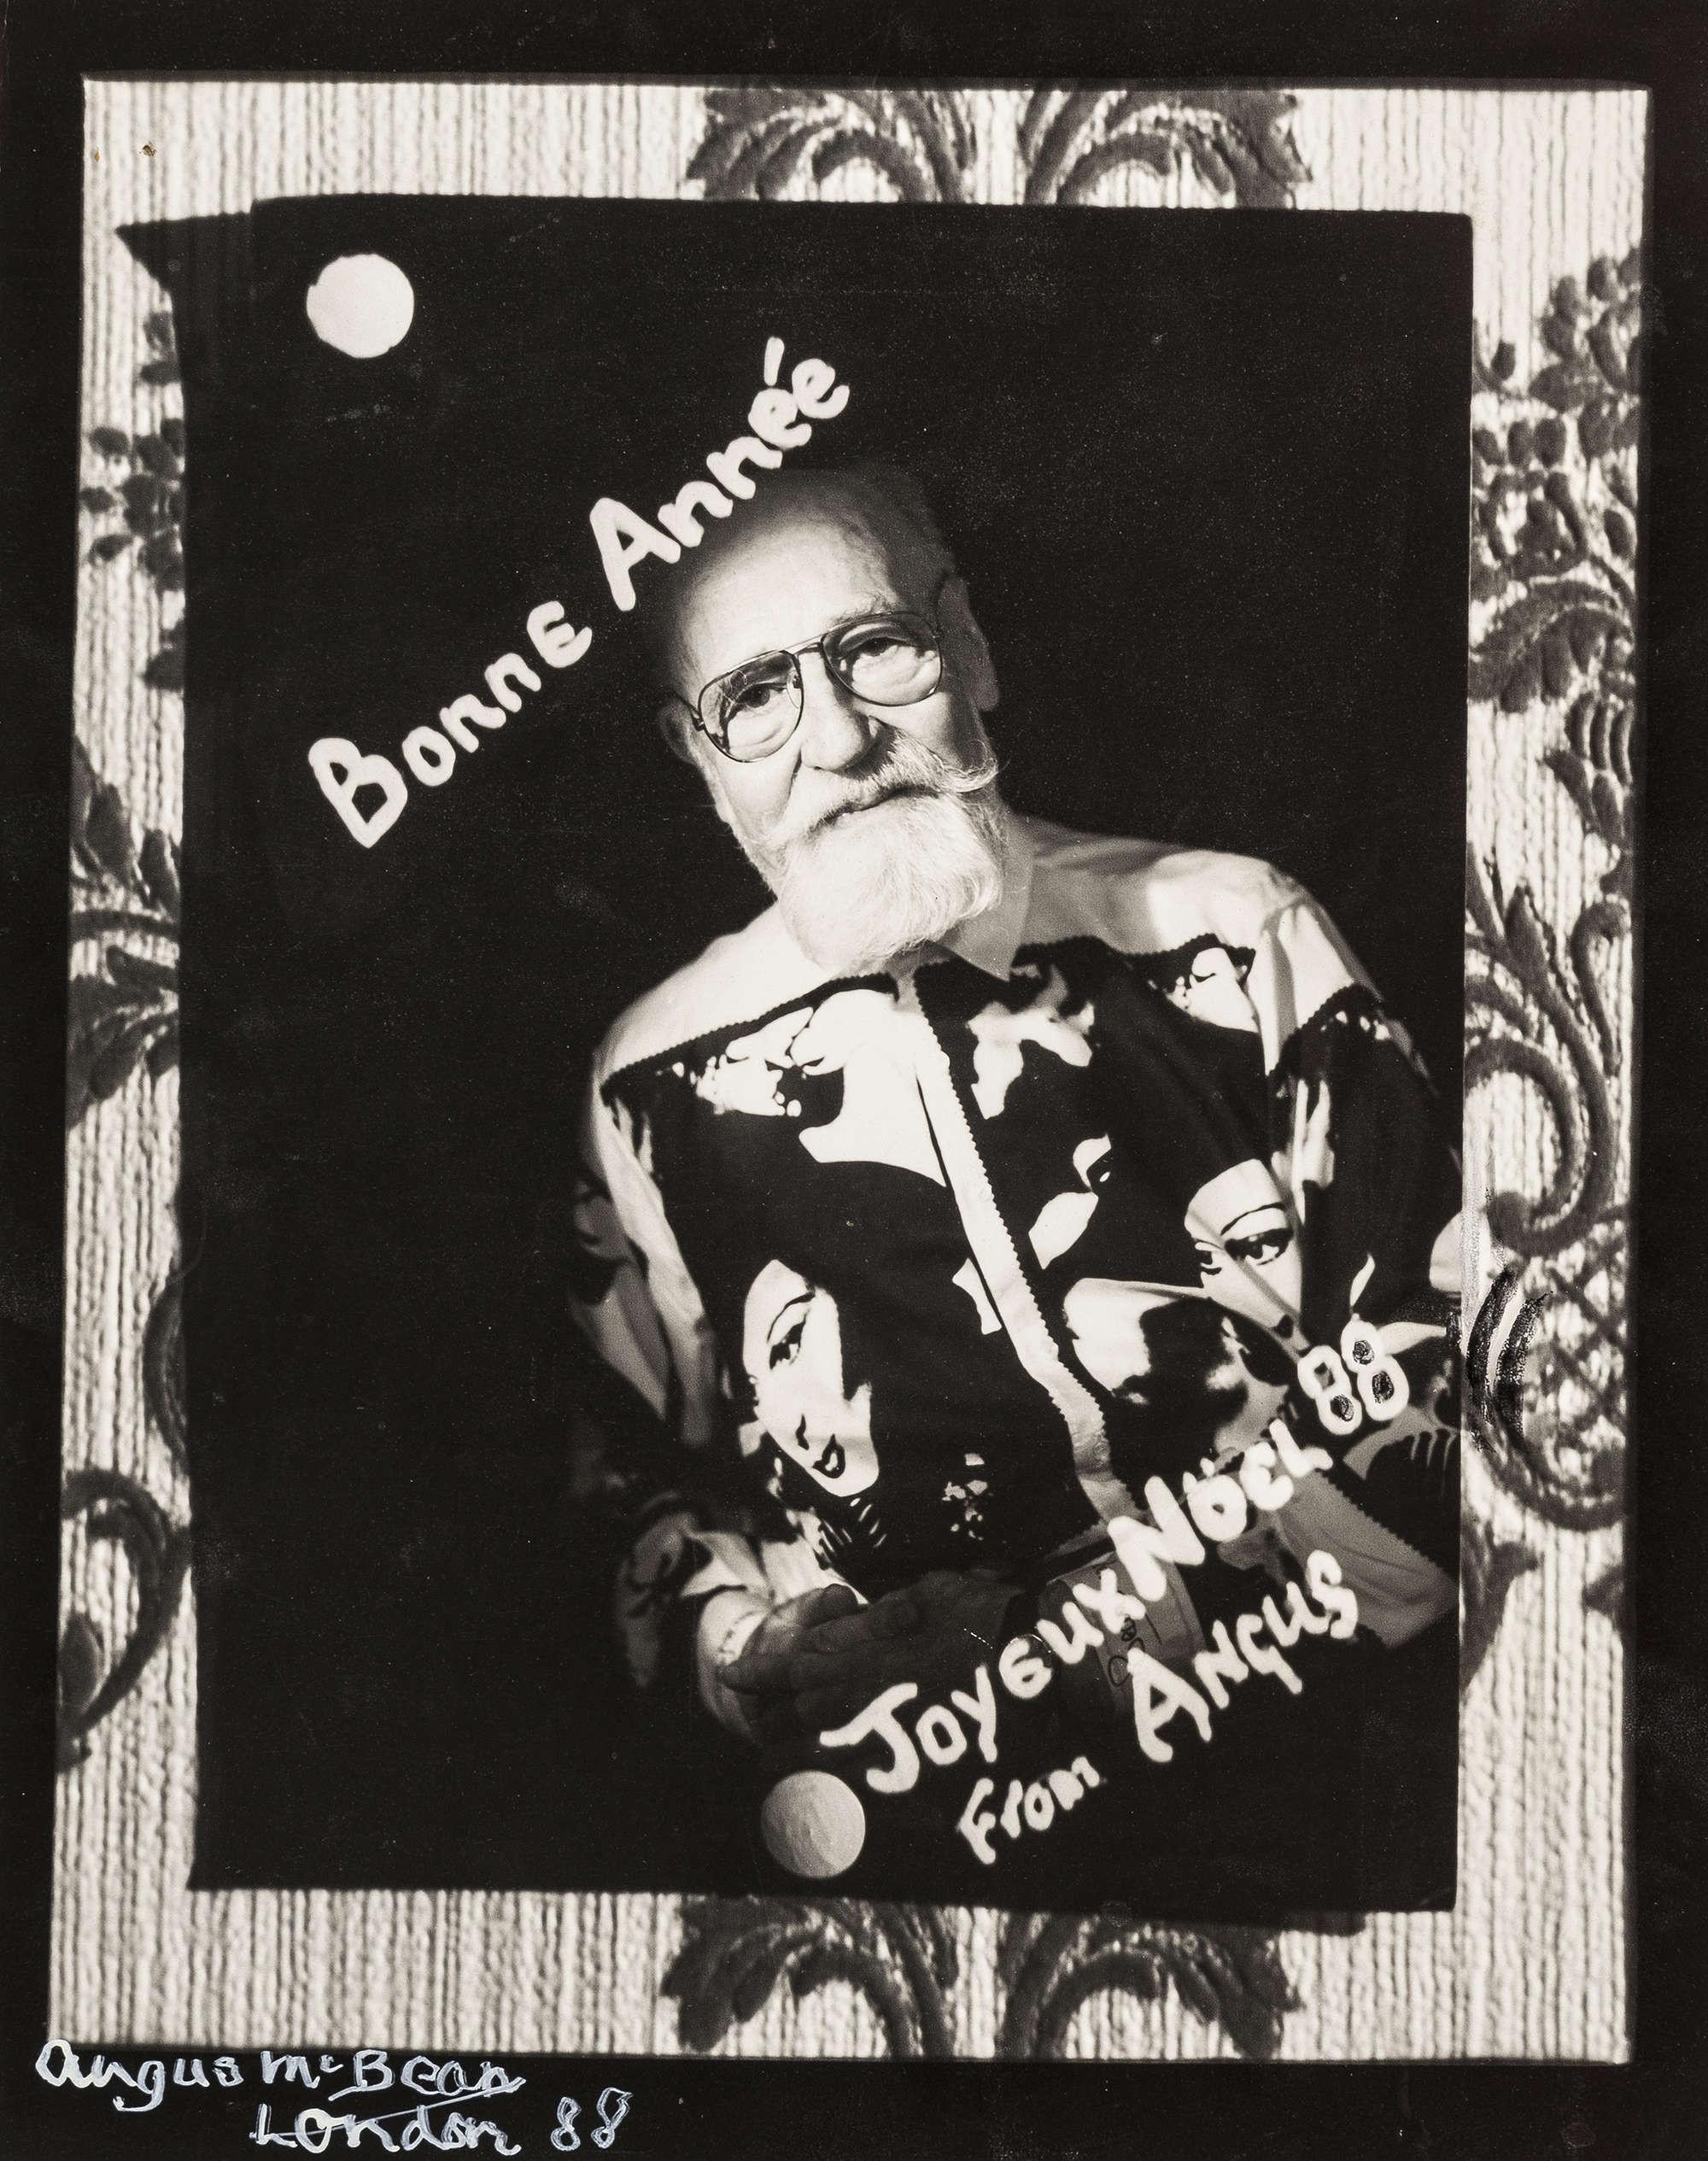 Рождественская открытка, 1988. Ангус МакБин